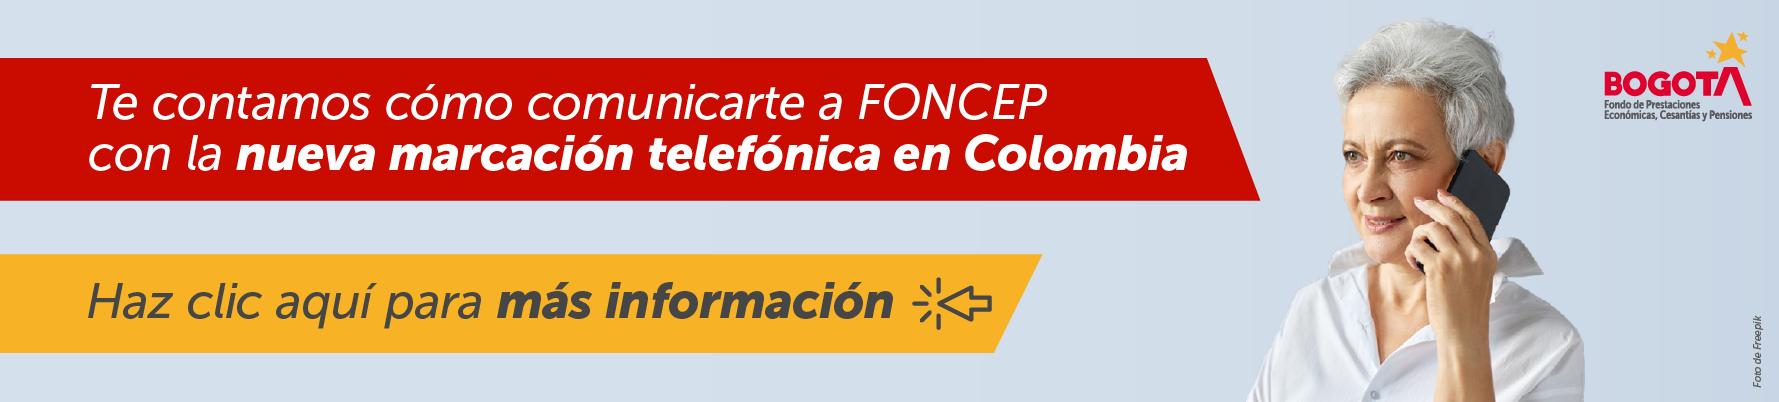 Señora hablando por celular acompañada de dos textos: Te contamos cómo comunicarte a FONCEP con la nueva marcación telefónica en Colombia - Haz clic aquí para más información